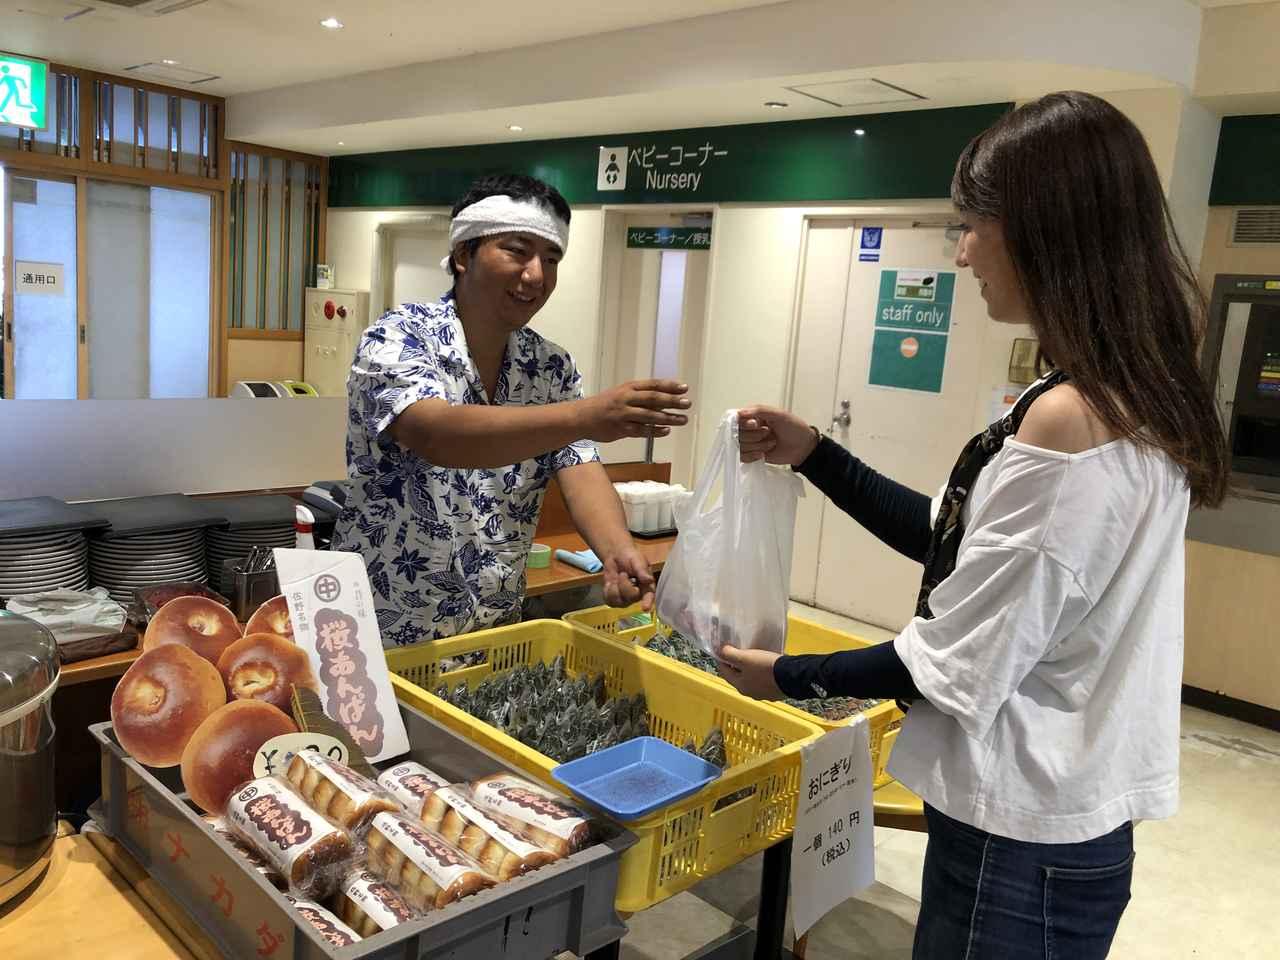 画像: サービスエリア内では、こんな形で食品の販売もしていました。